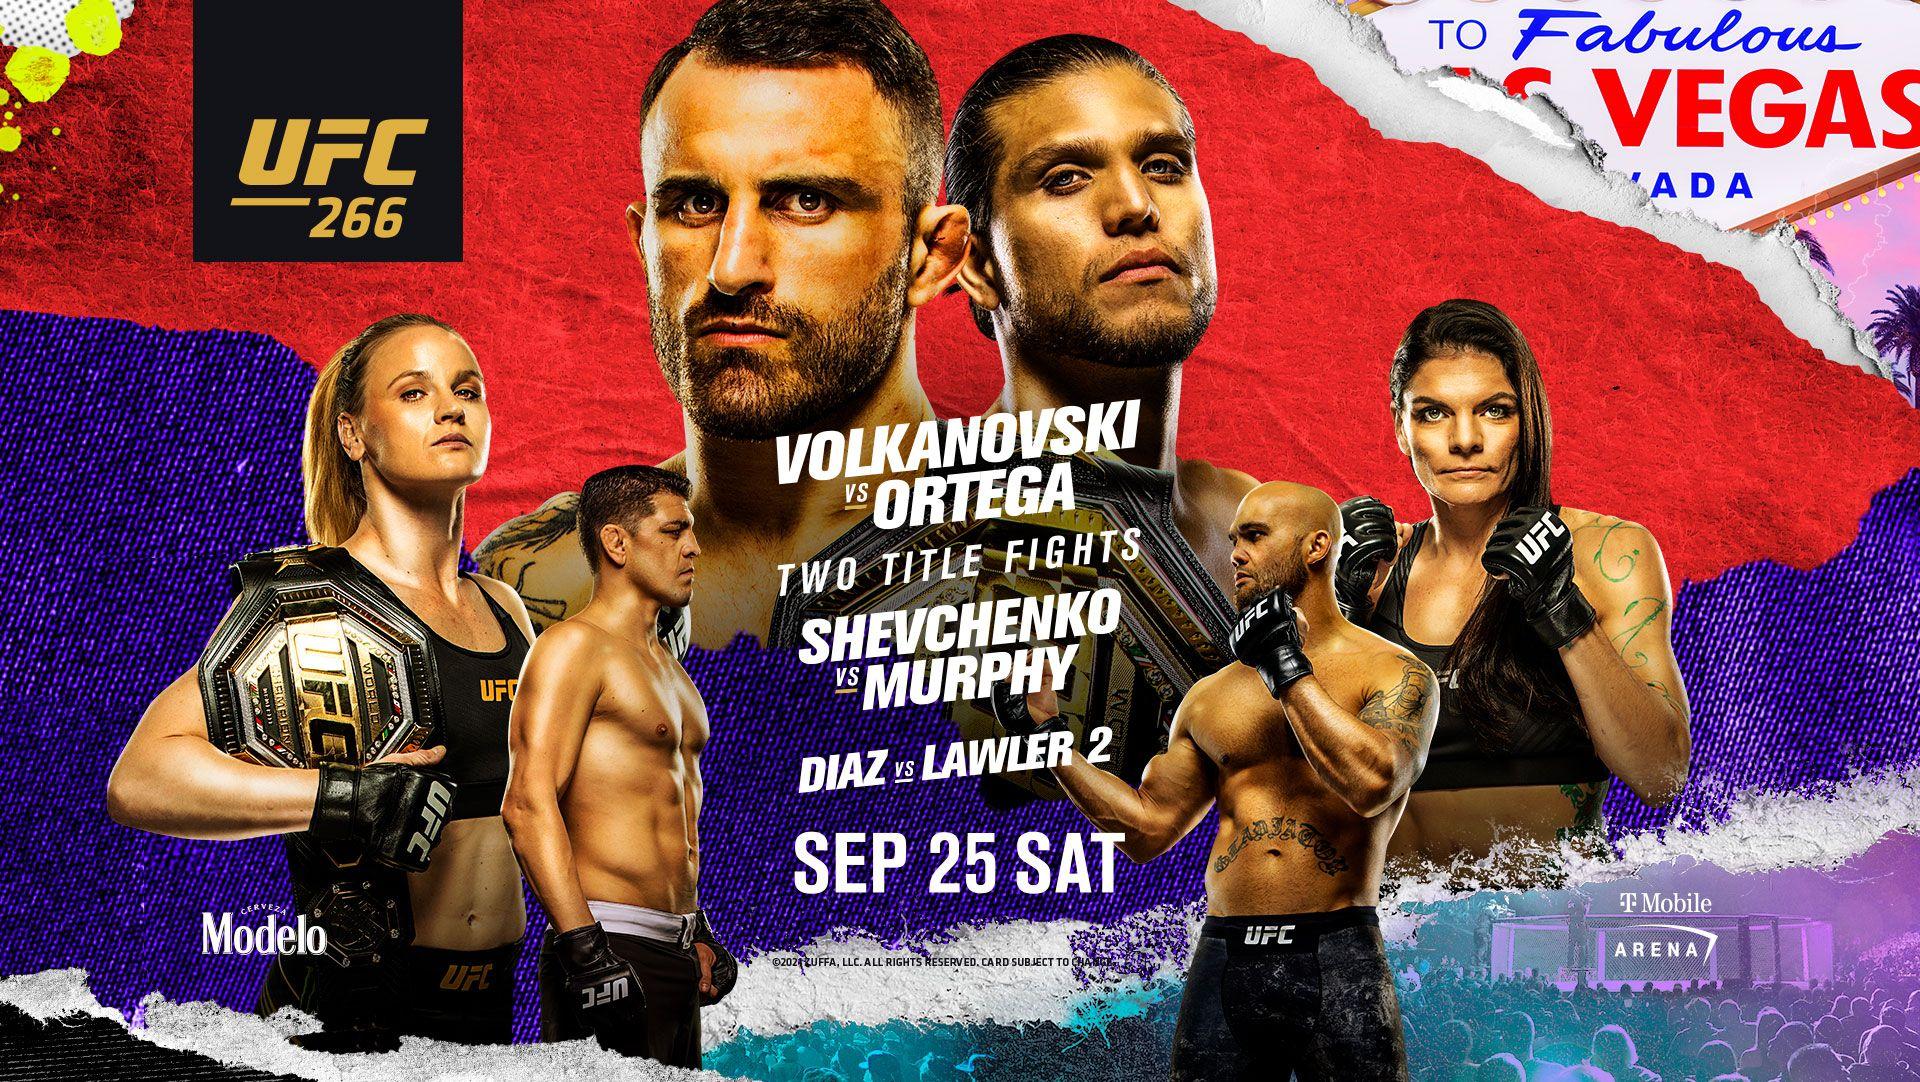 UFC 266: Volkanovski vs Ortega Fight Card